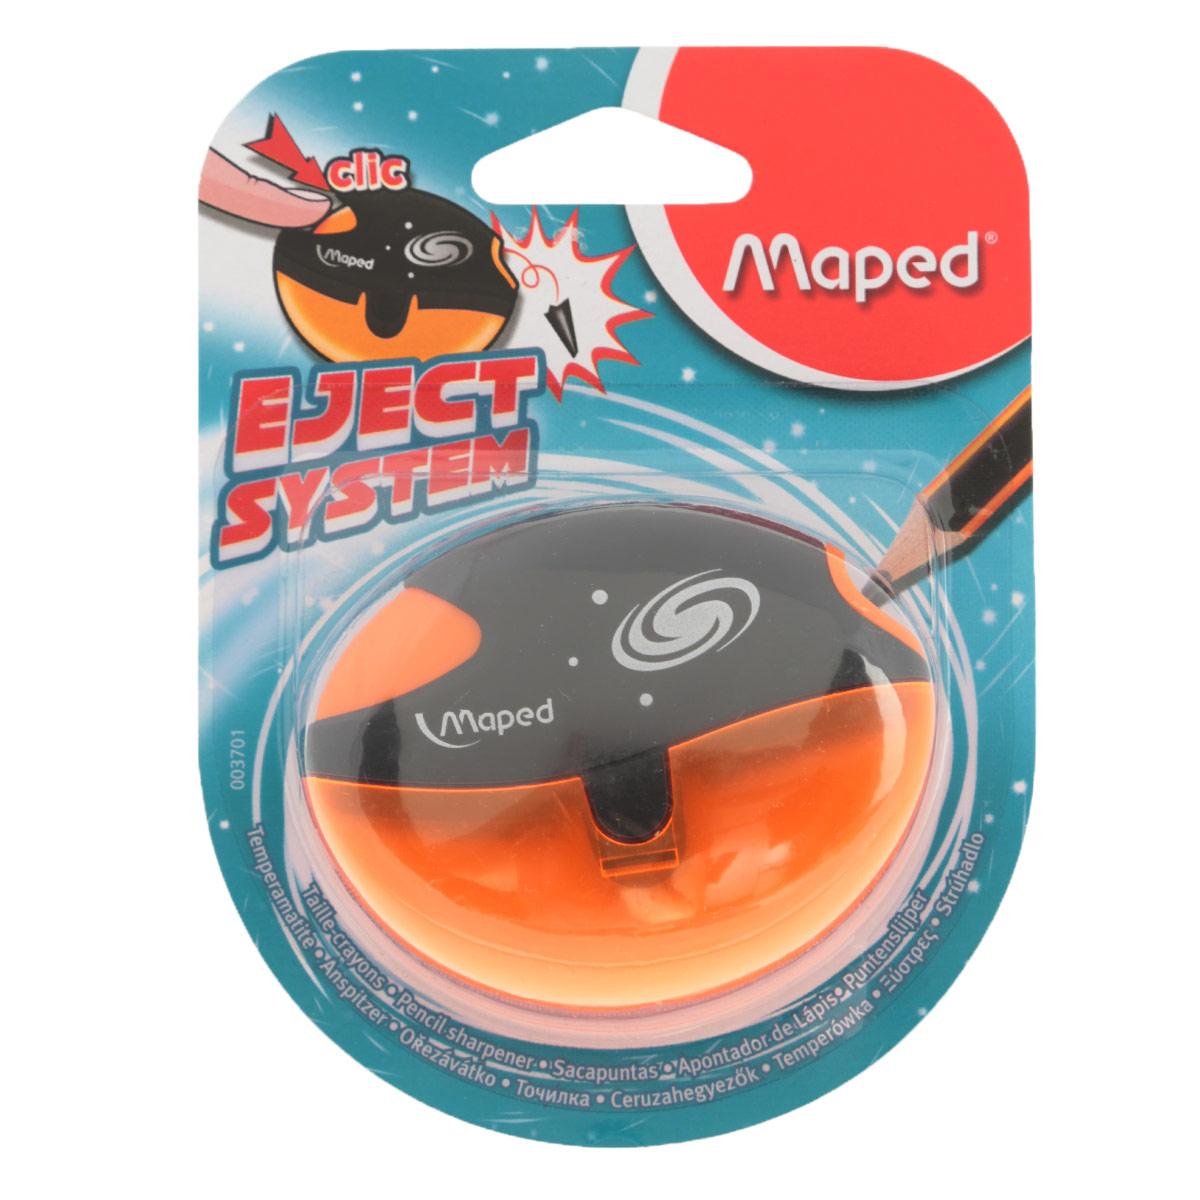 Точилка Maped Galactic, с контейнером, цвет: оранжевый3701_оранжевыйТочилка пластиковая Maped Galactic - это точилка изготовленная из пластика, с одним отверстием, контейнером и специальной защитой от сломанного грифеля. Полупрозрачный контейнер для сбора стружки повышенной вместимости позволяет визуально контролировать уровень заполнения и вовремя производить очистку. Это точилка, в которой не застревает грифель. Одно нажатие на кнопку освобождает точилку от сломанного грифеля. Предназначена для использования как в школе, так и в офисе.Рекомендовано детям старше трех лет.